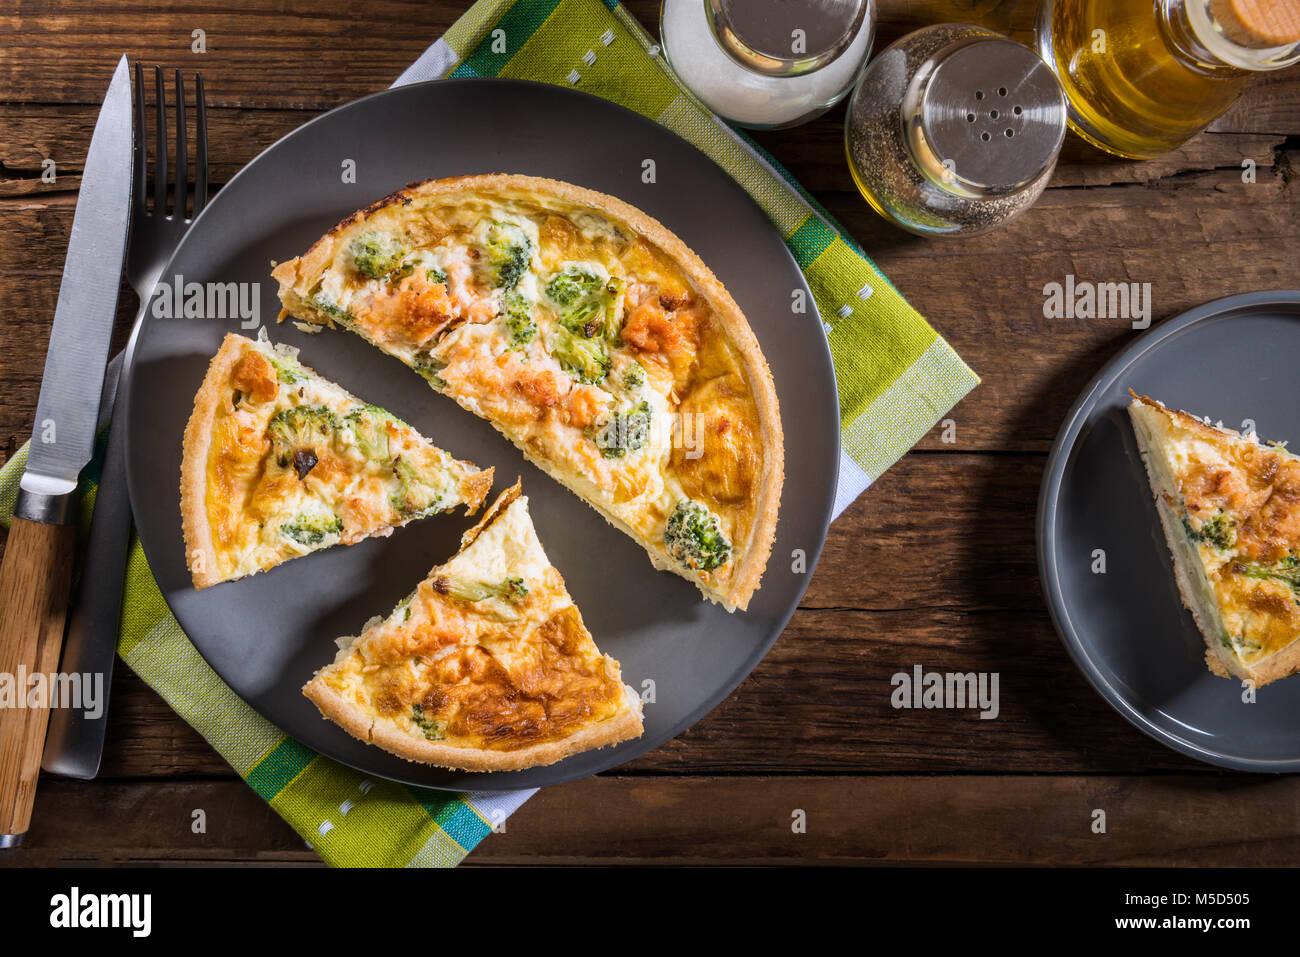 Quiche brocoli et saumon classique fabriqué à partir de pâte brisée avec des fleurons de brocoli Photo Stock